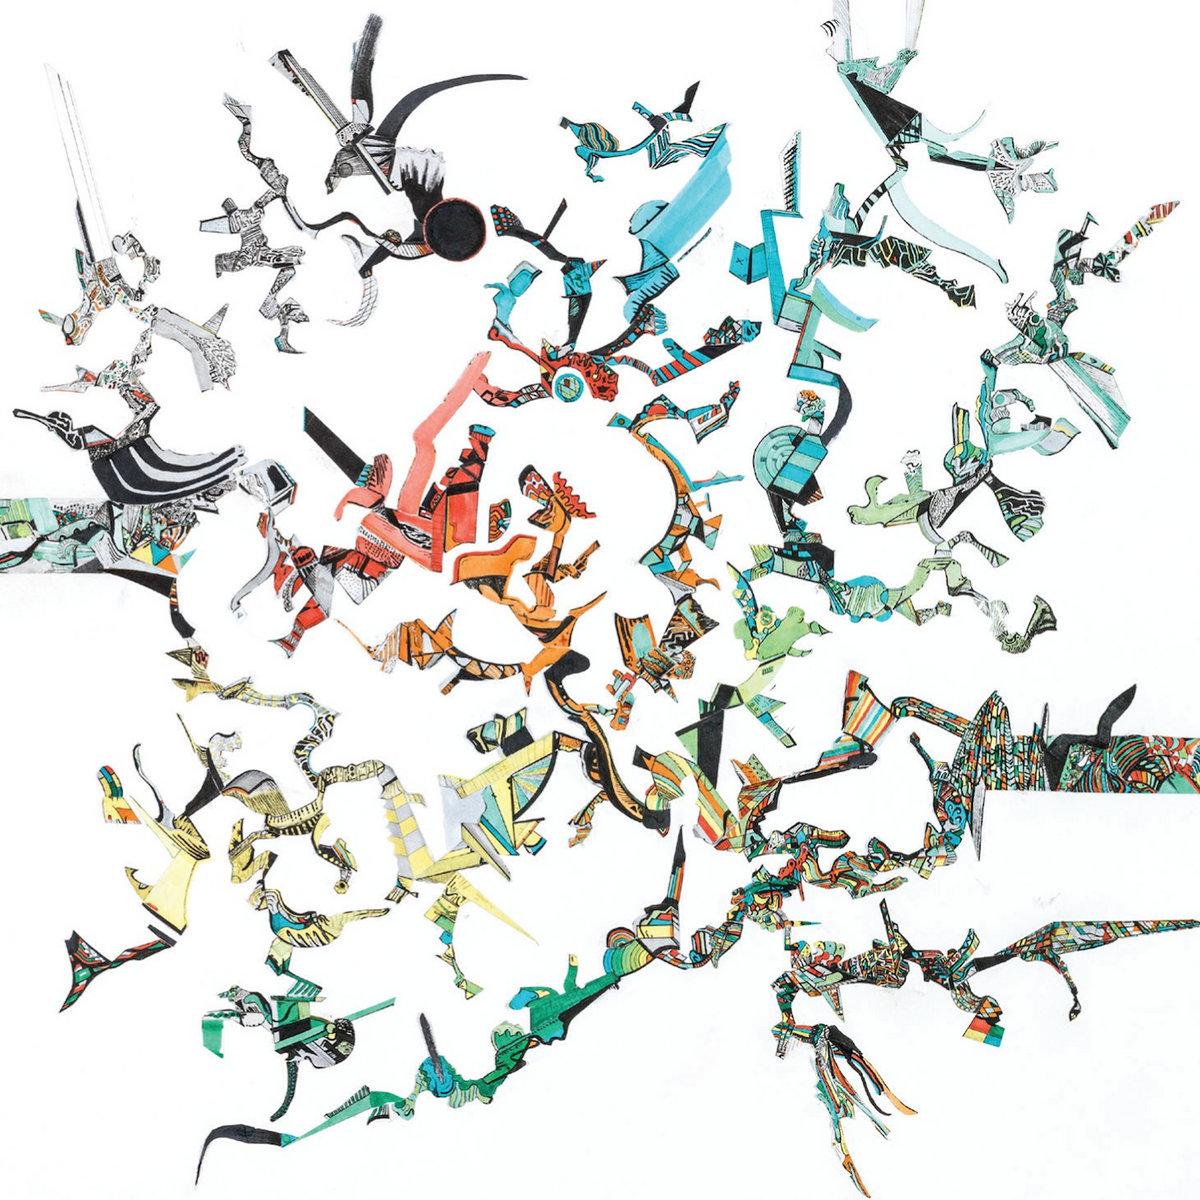 Alex Cunningham Concept Art